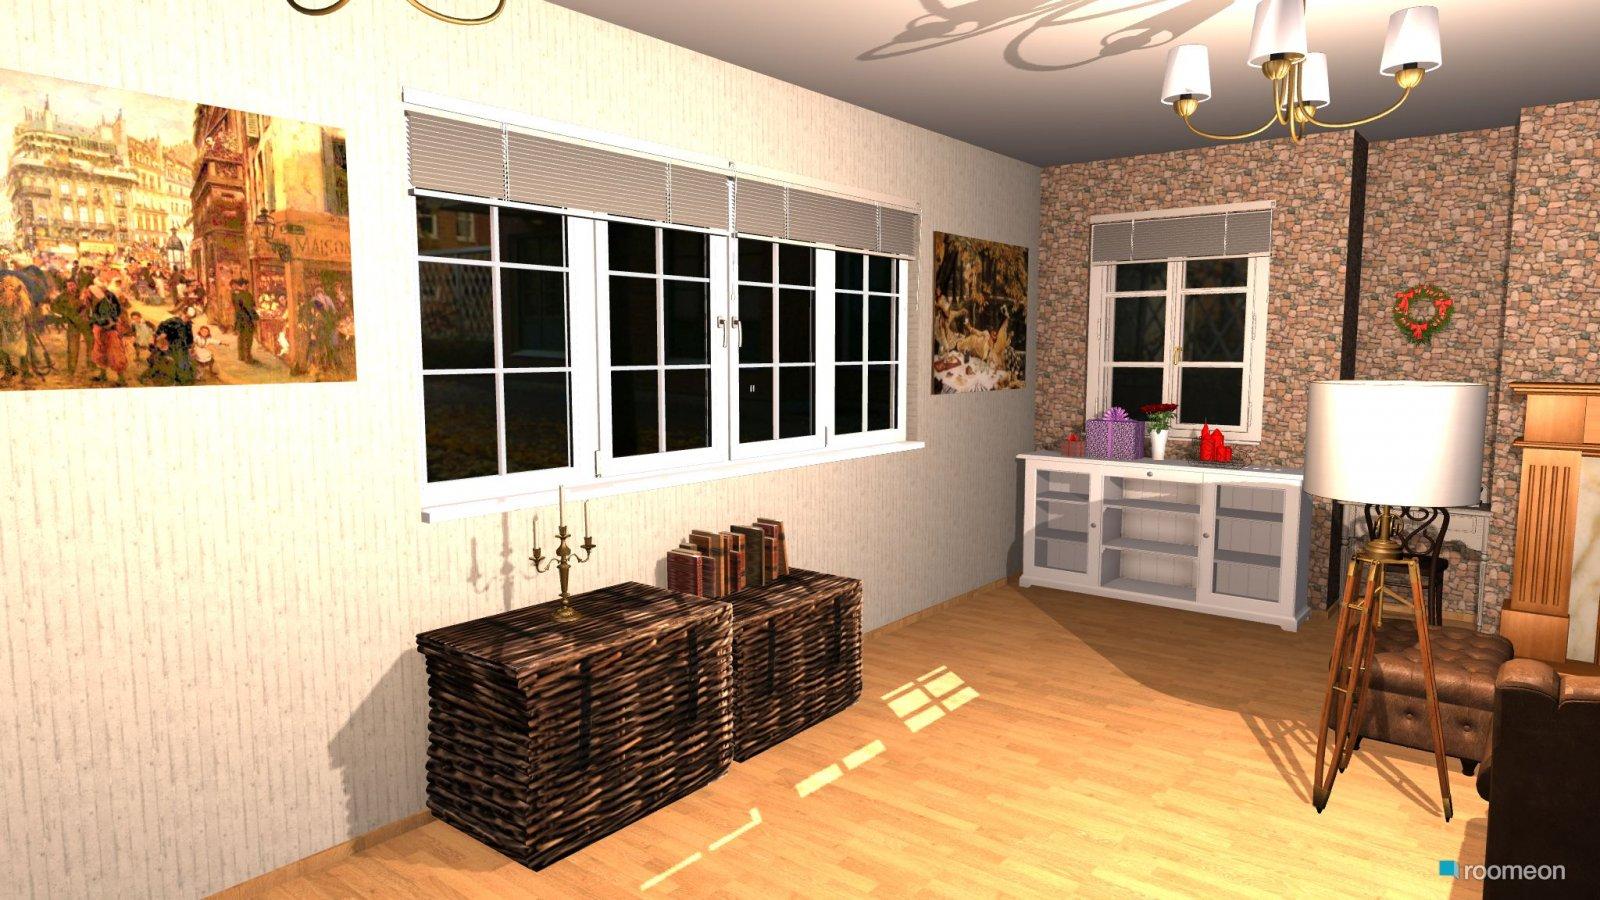 Altes wohnzimmer good altes wohnzimmer neu gestalten with for Wohnzimmer gunstig gestalten